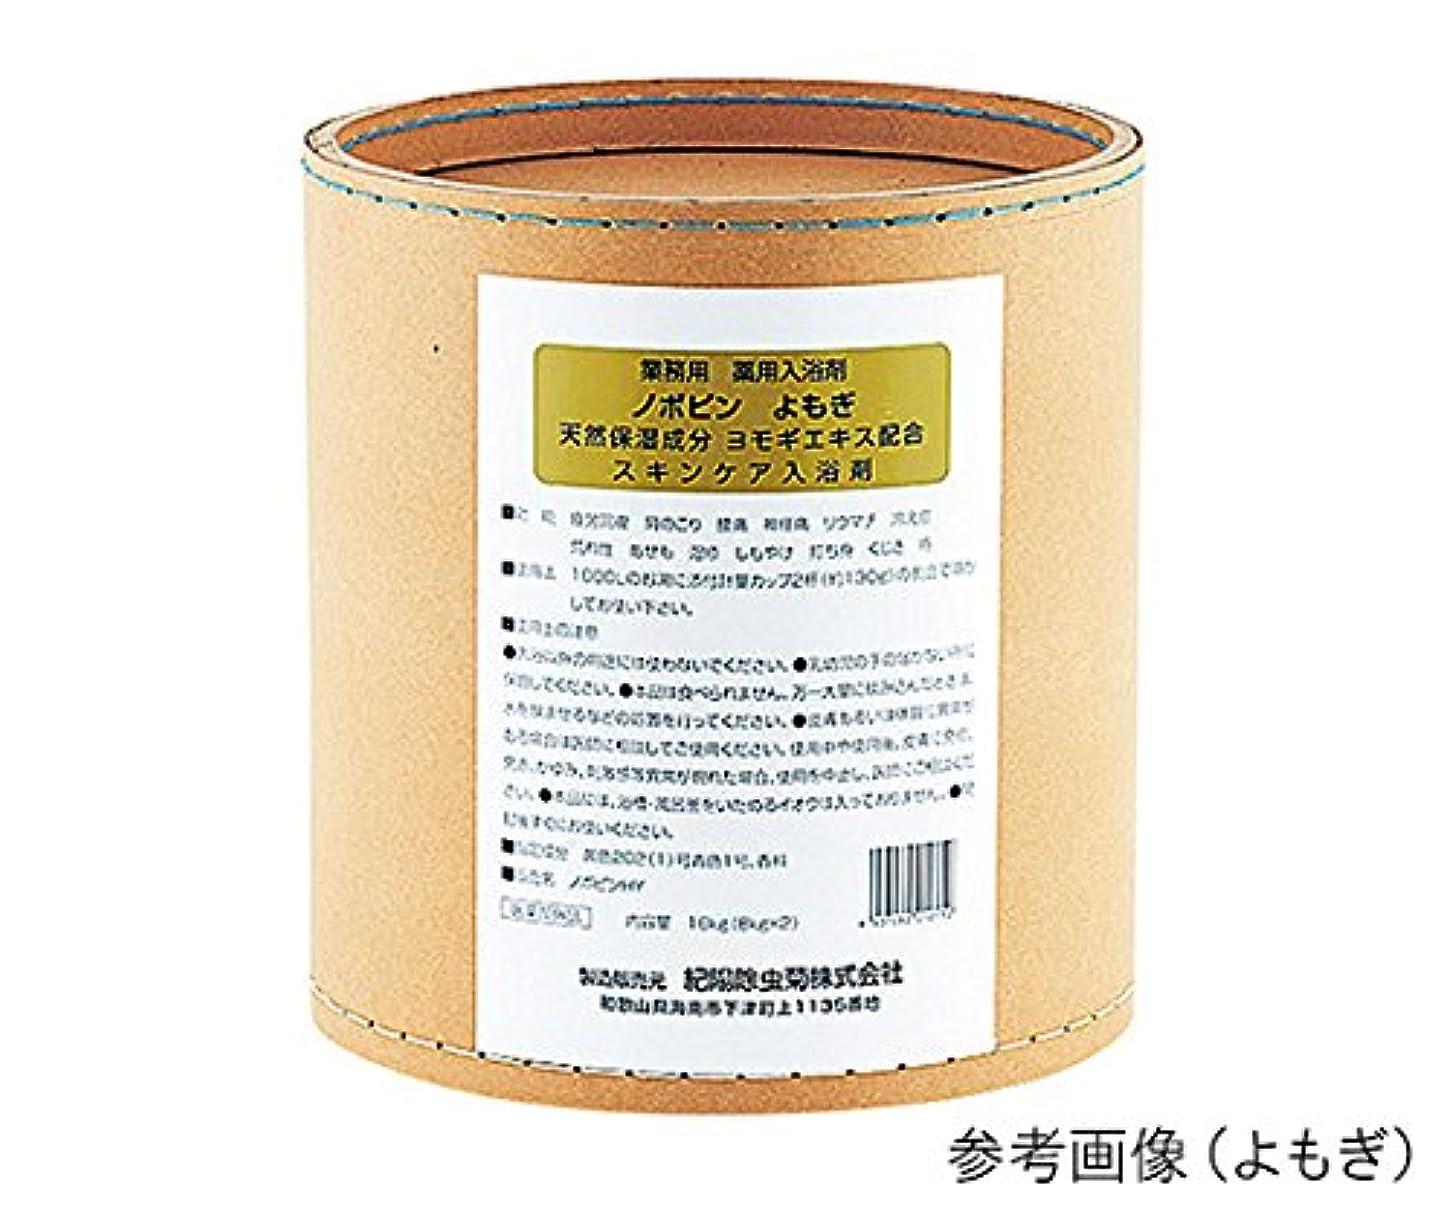 バンジージャンプ監督する時間厳守紀陽除虫菊7-2541-04業務用薬用入浴剤(ノボピン)よもぎ(8kg×2個入)